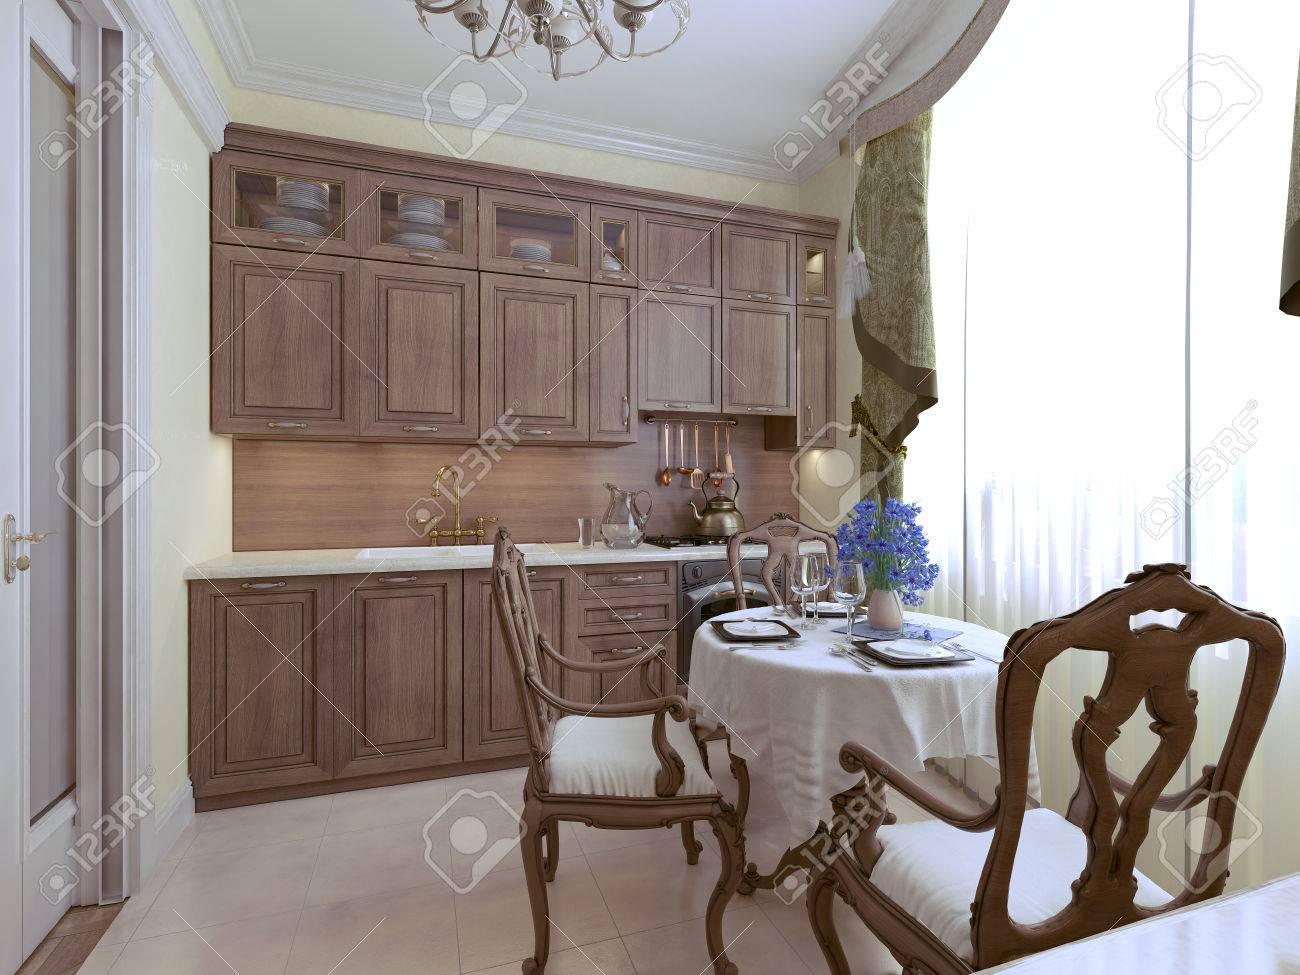 Luxus-Küche Englisch Stil. 3d Render Lizenzfreie Fotos, Bilder Und ...